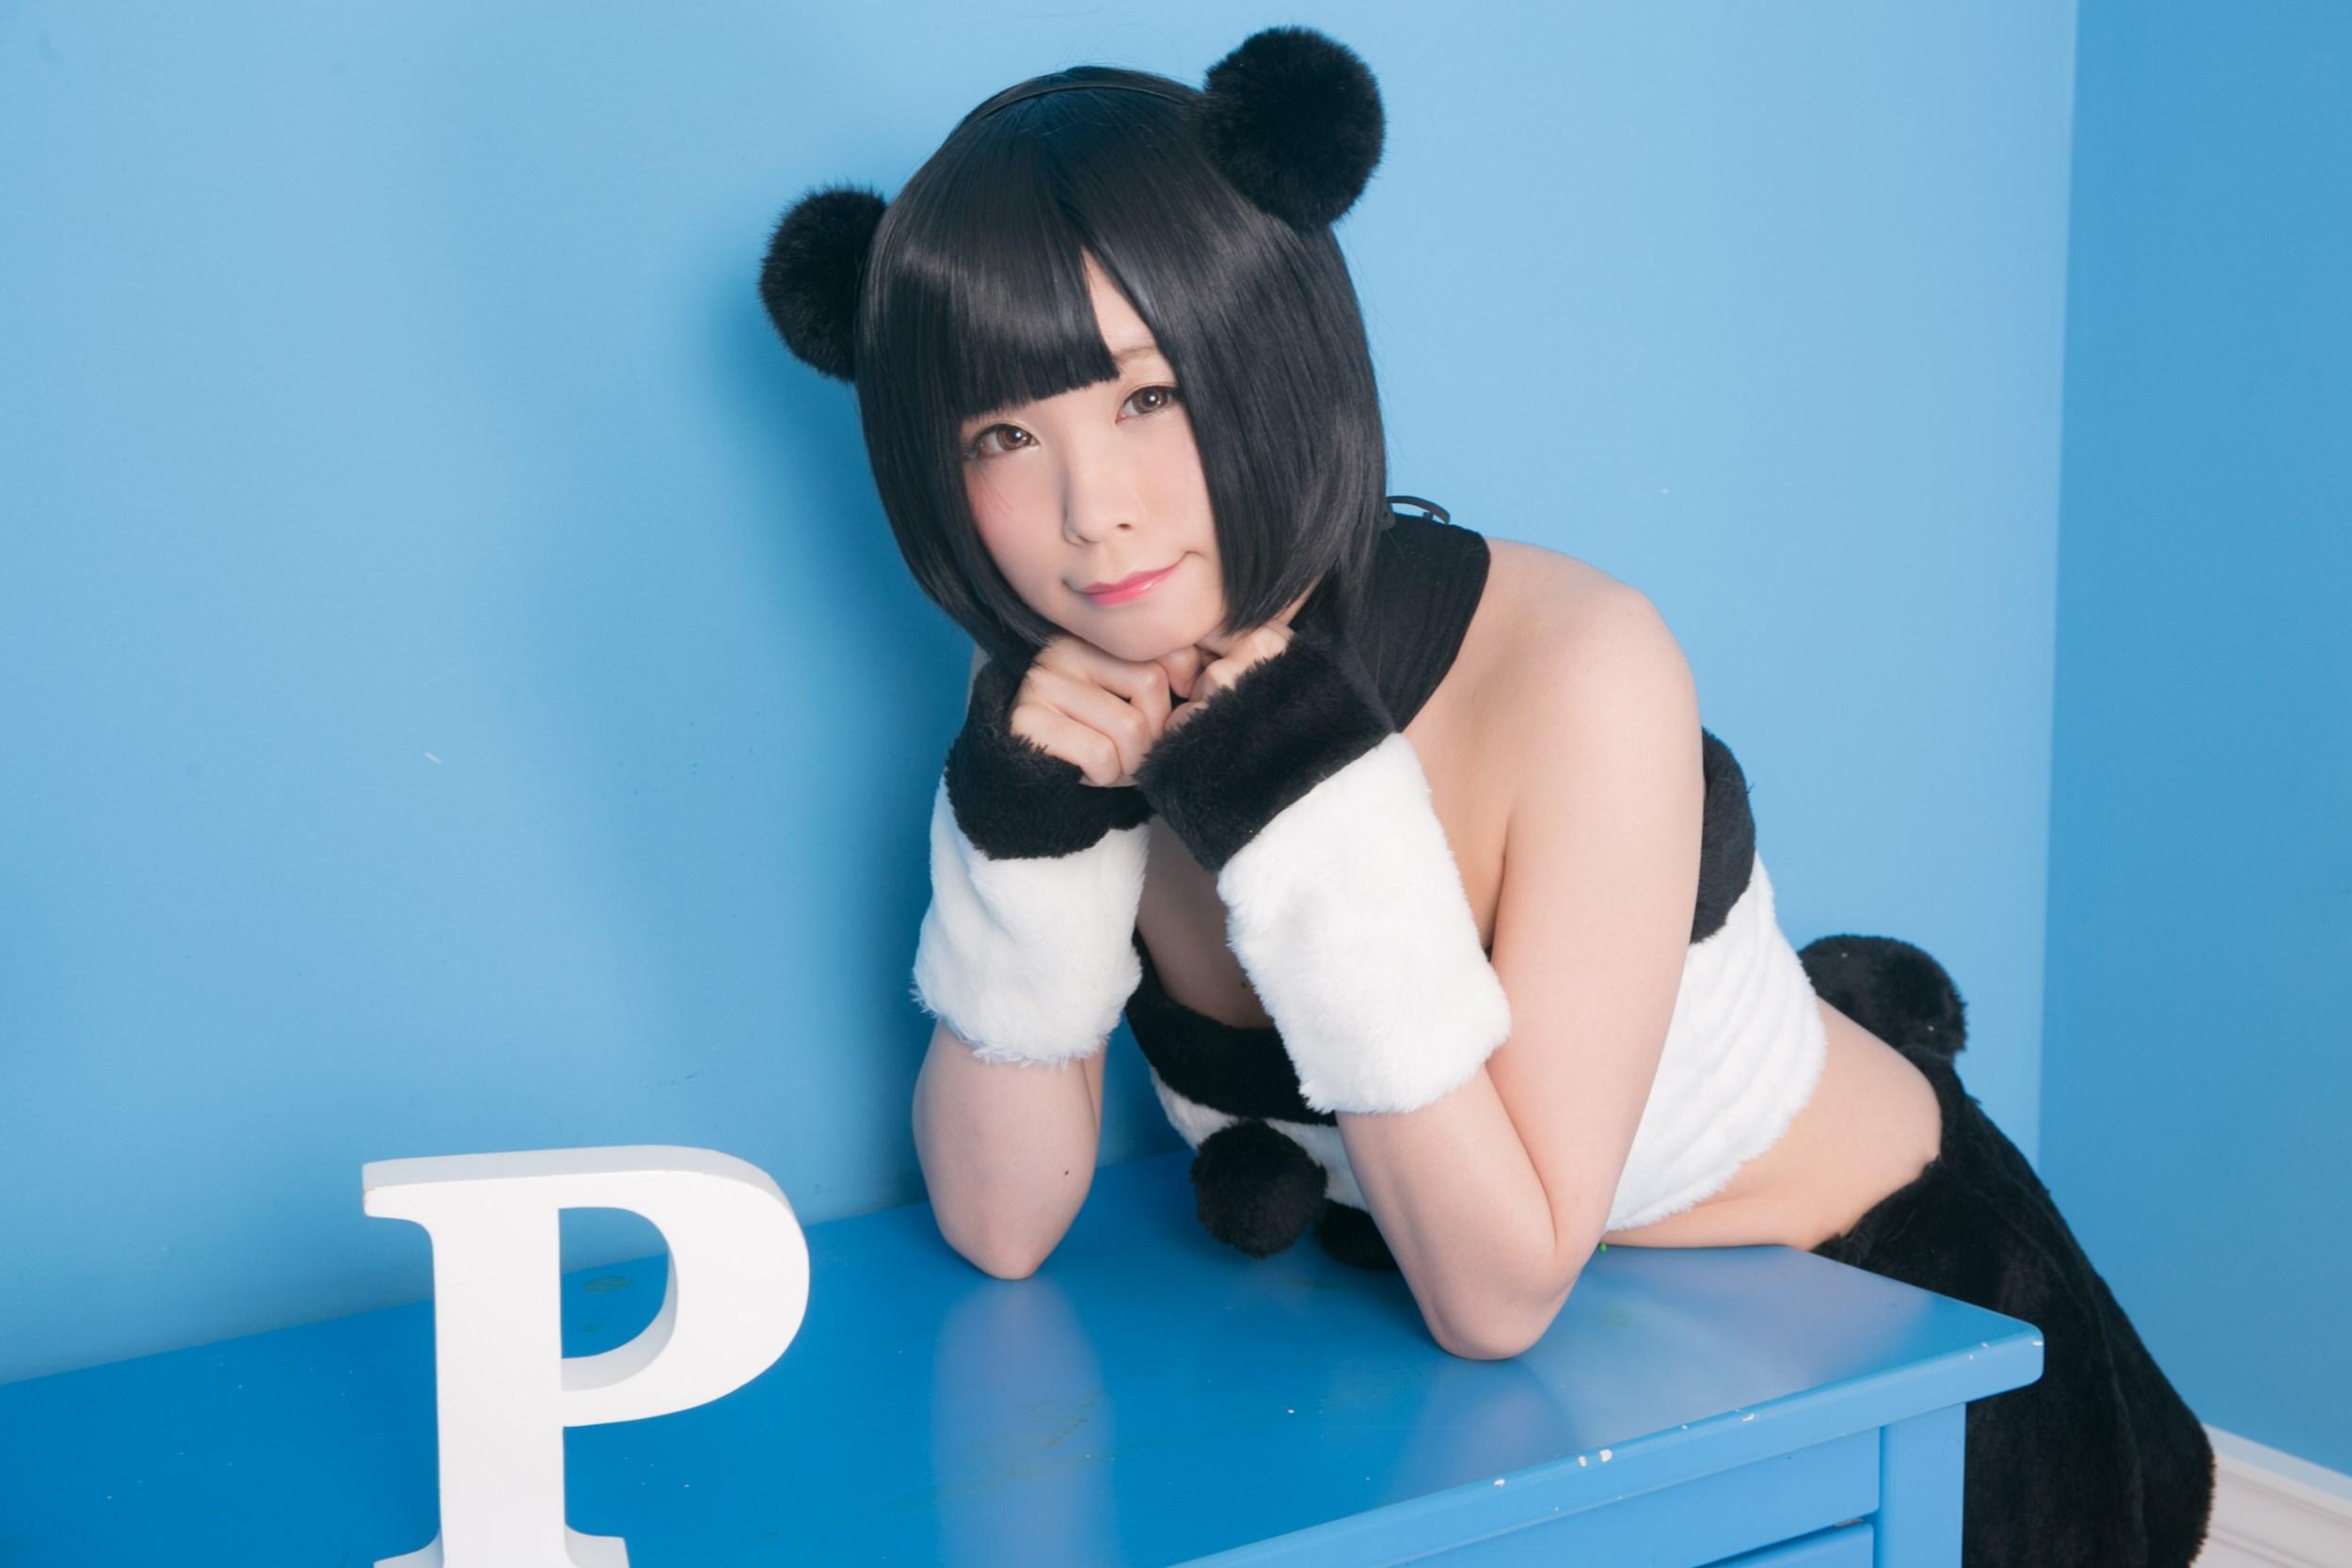 【兔玩映画】熊猫娘 兔玩映画 第13张